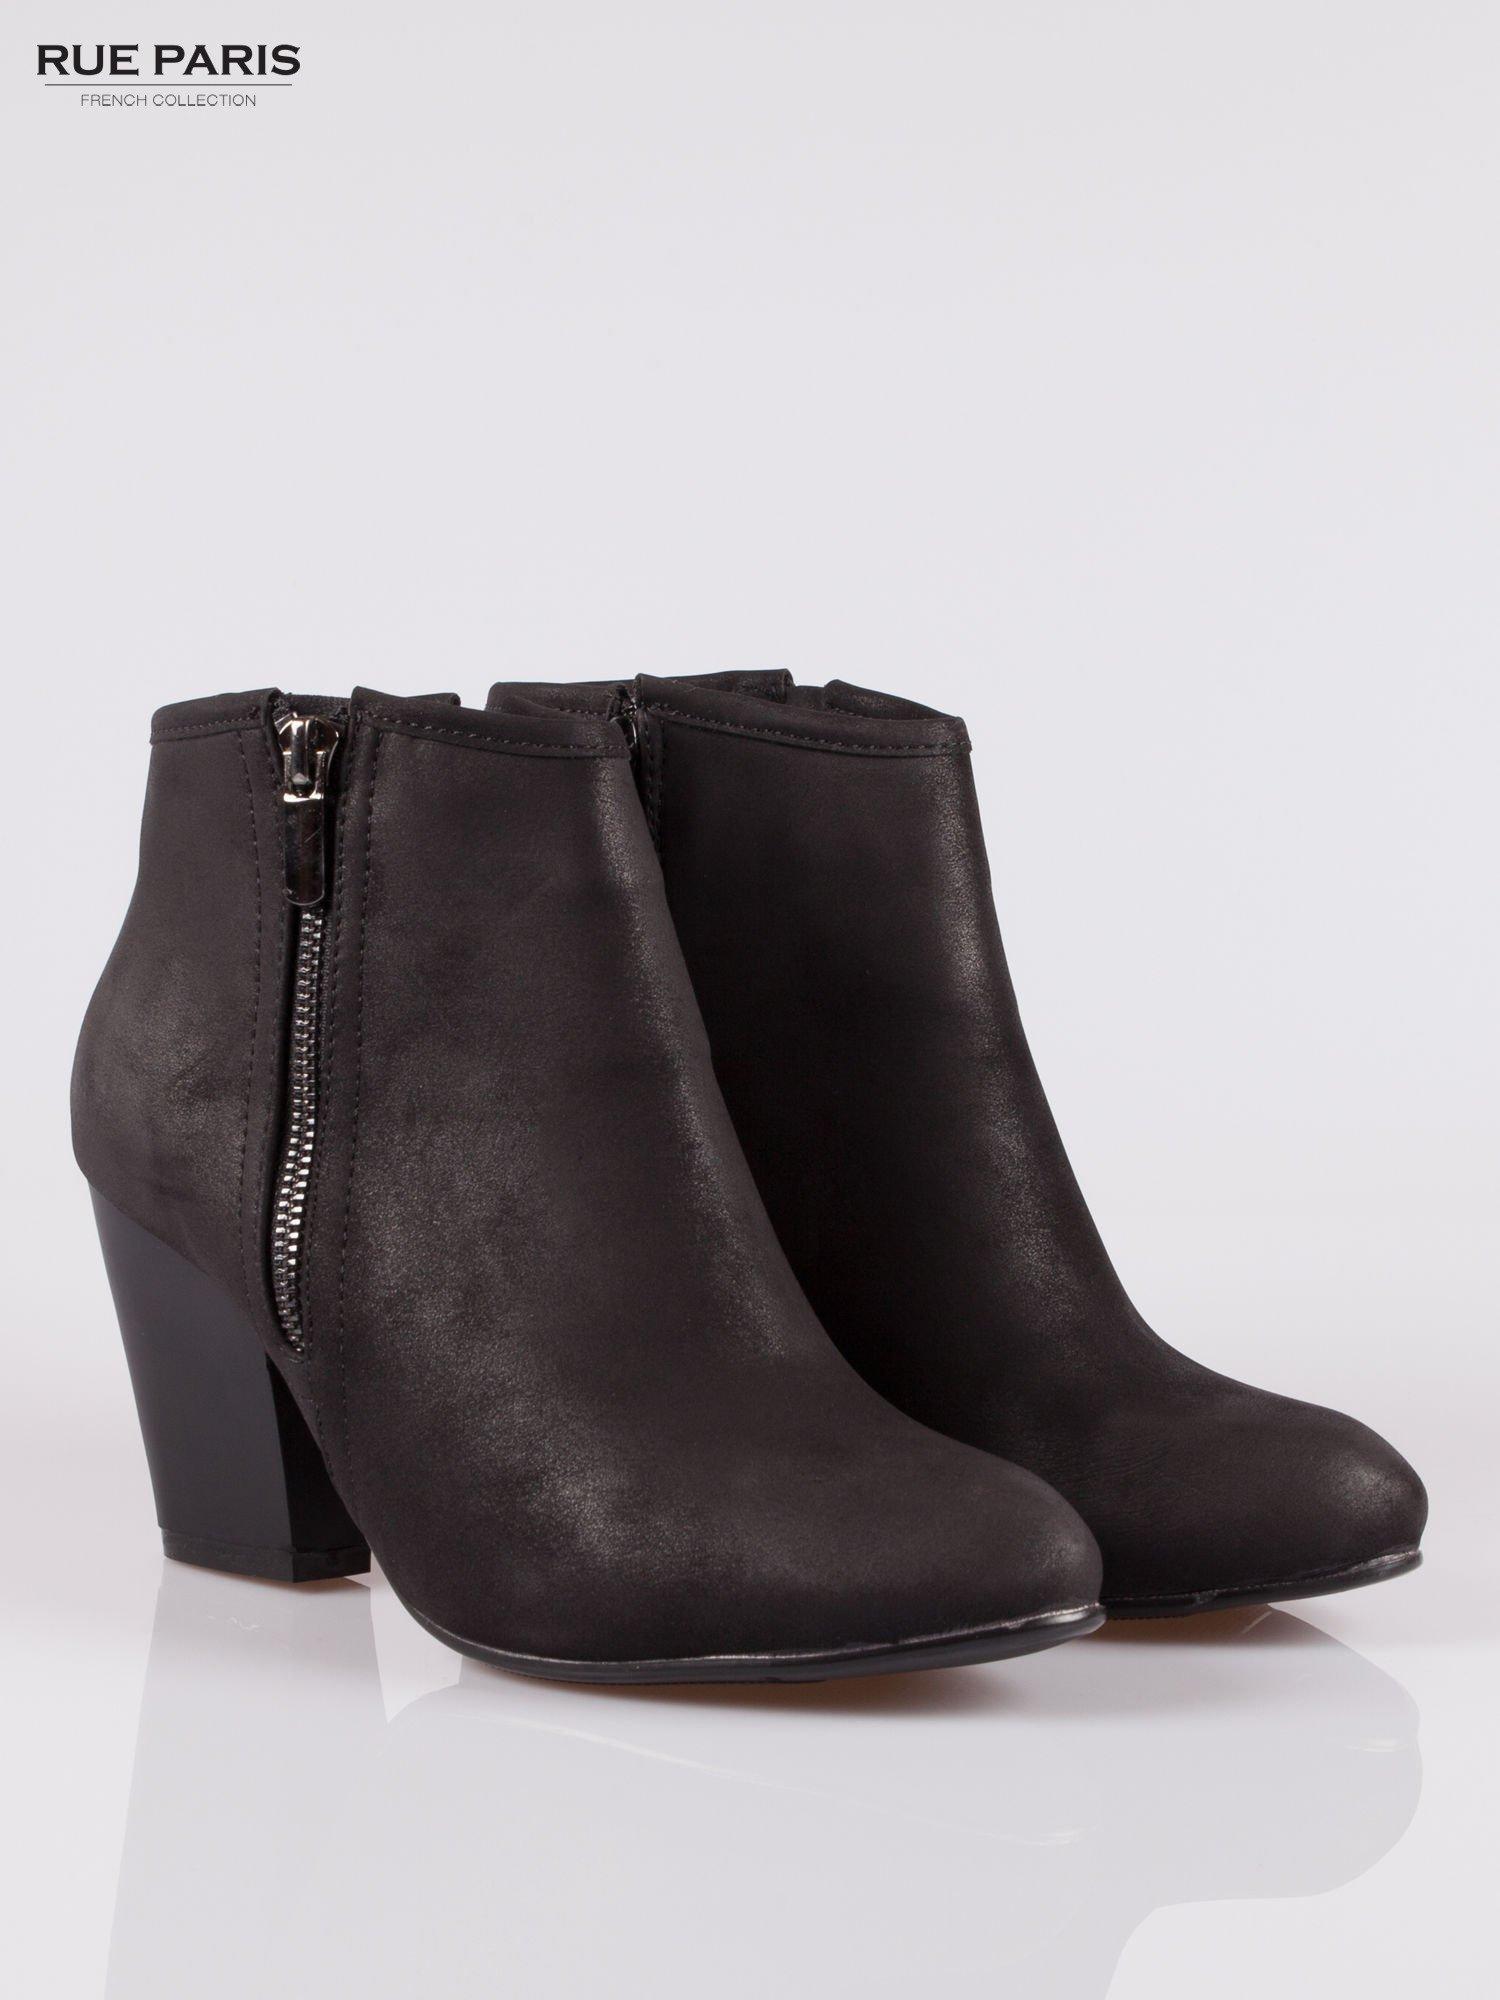 Czarne botki ankle heels na słupku z zamkami po obu stronach                                  zdj.                                  2